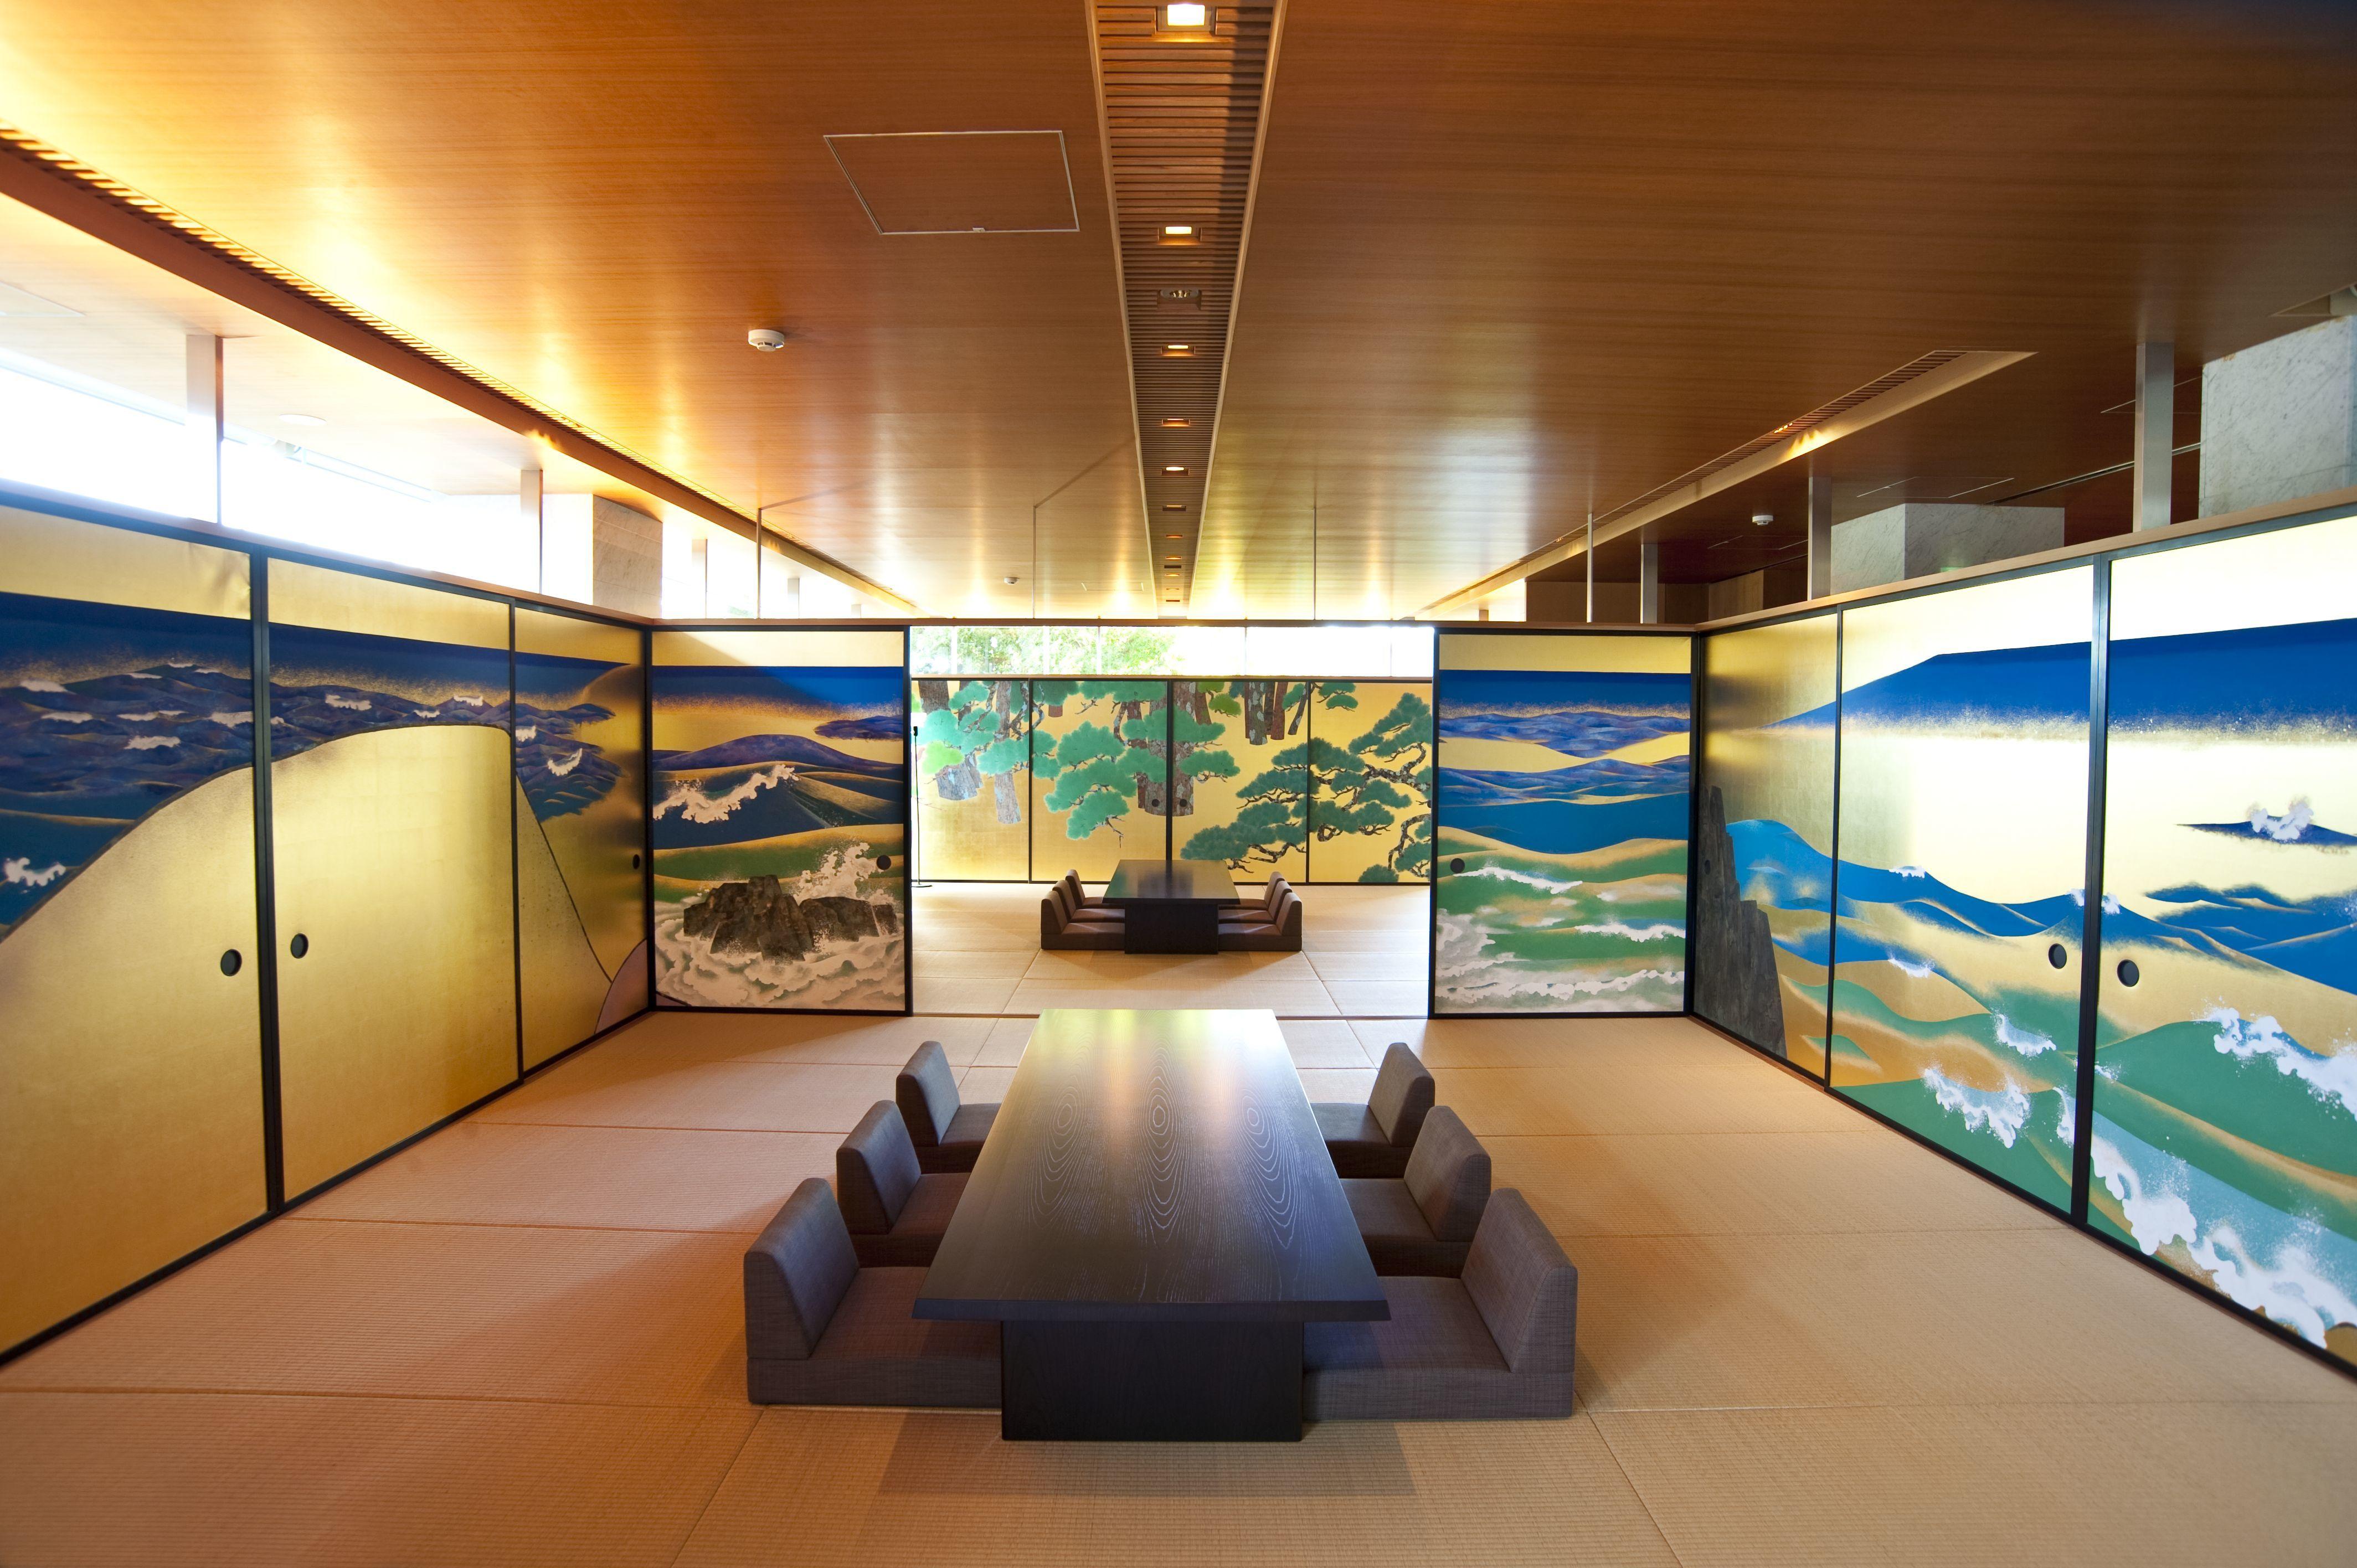 隈研吾が、手がける「ATAMI海峯楼」 海に溶けこむデザインが素敵すぎる・・・